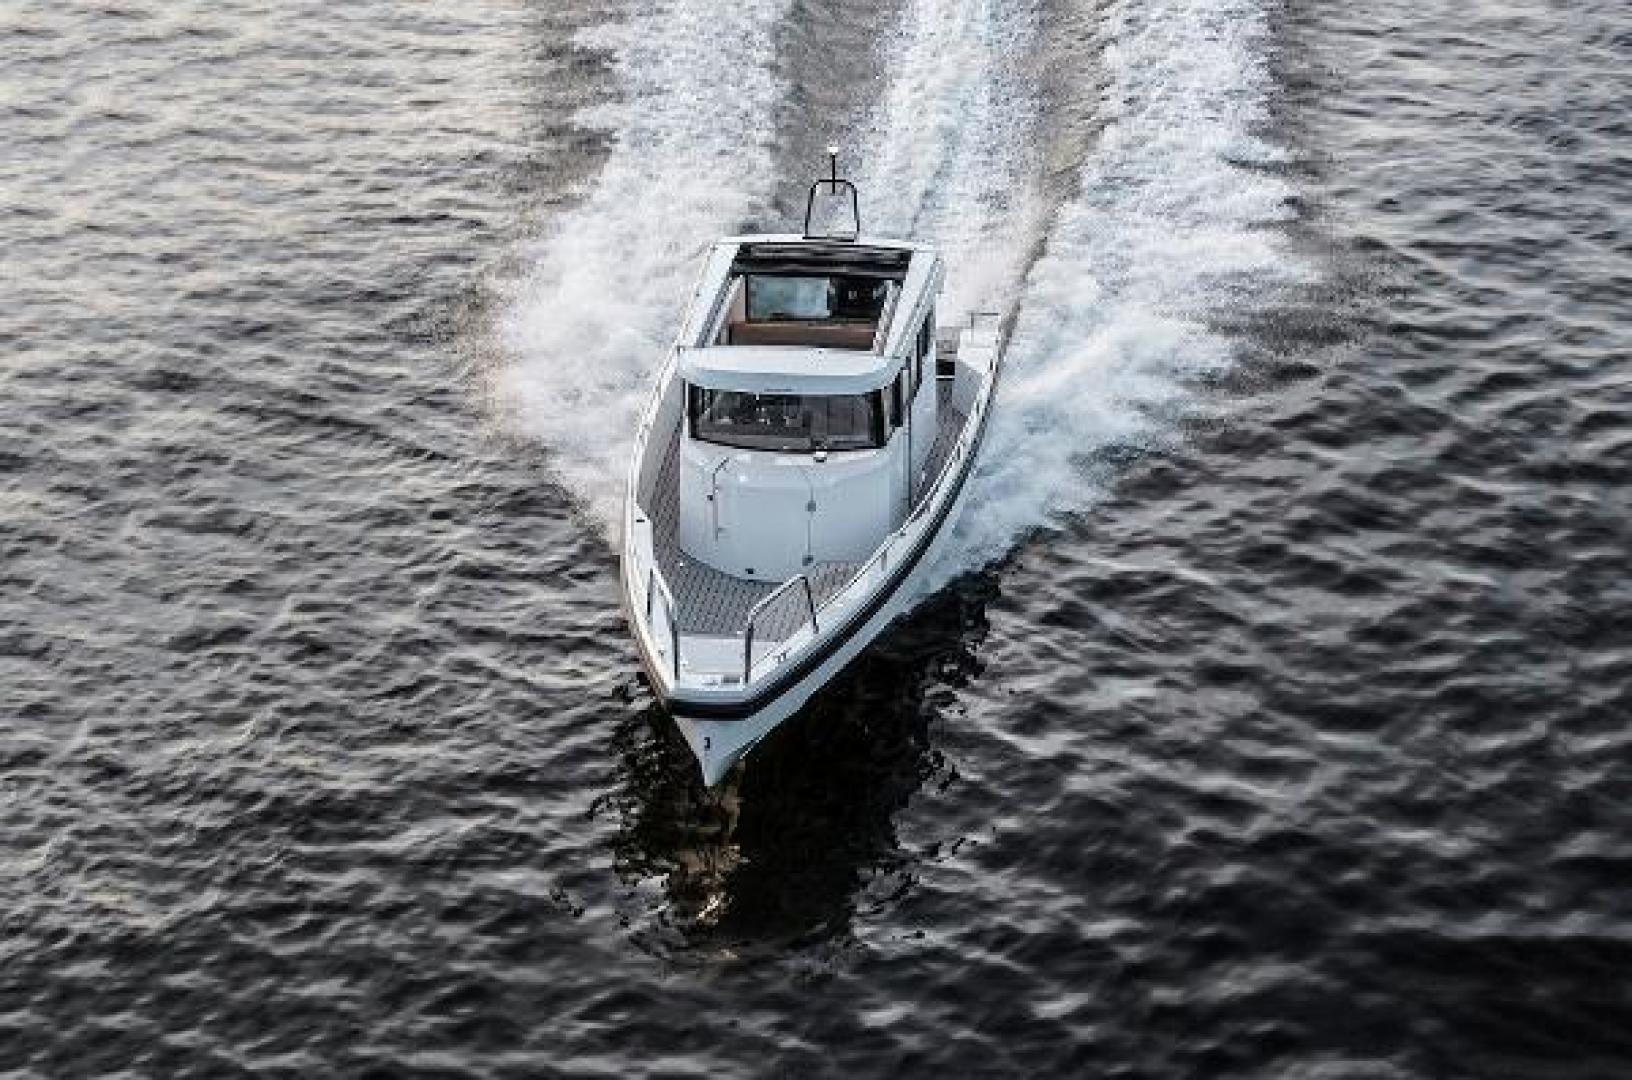 Axopar-28 CABIN 2021-Axopar 28 CABIN Palm Beach-Florida-United States-1531480 | Thumbnail